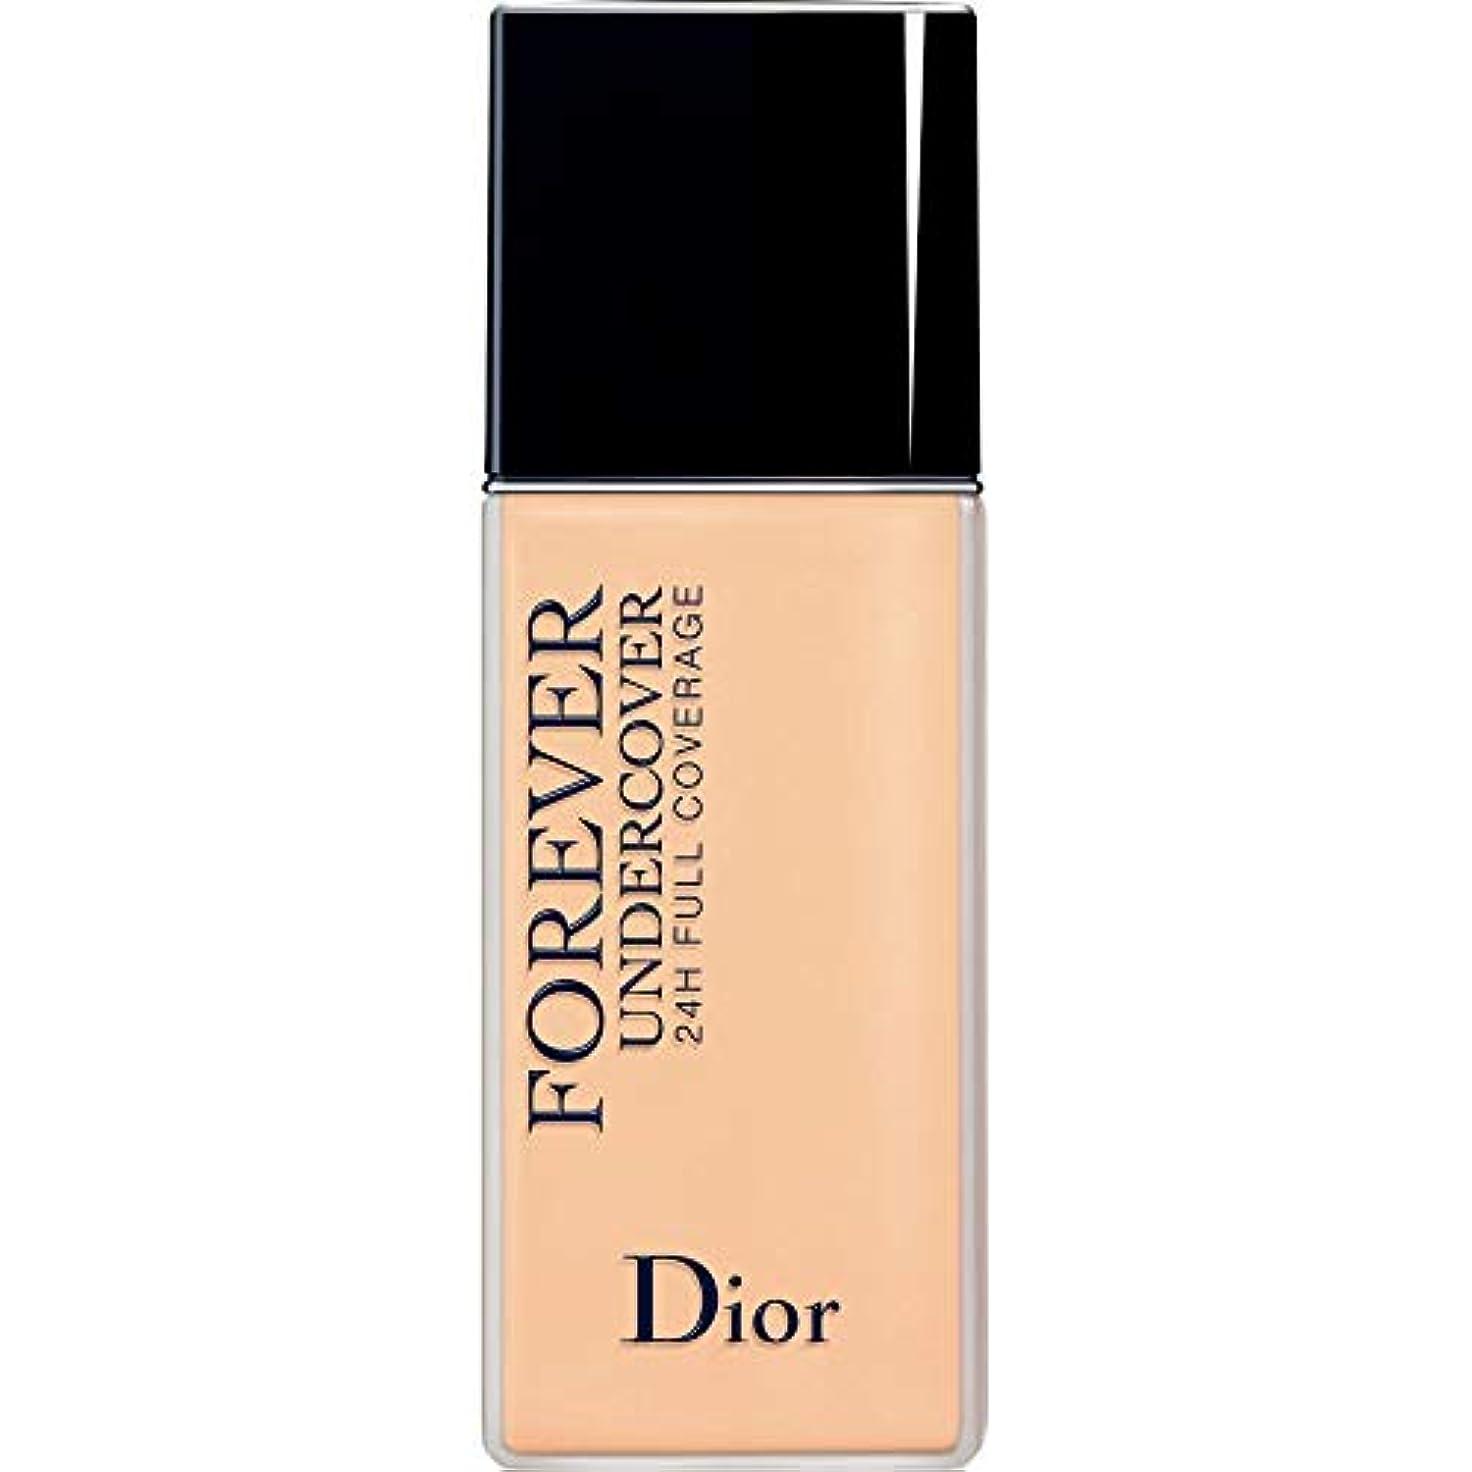 髄バレルクレデンシャル[Dior ] ディオールディオールスキン永遠アンダーカバーフルカバーの基礎40ミリリットル021 - リネン - DIOR Diorskin Forever Undercover Full Coverage Foundation...